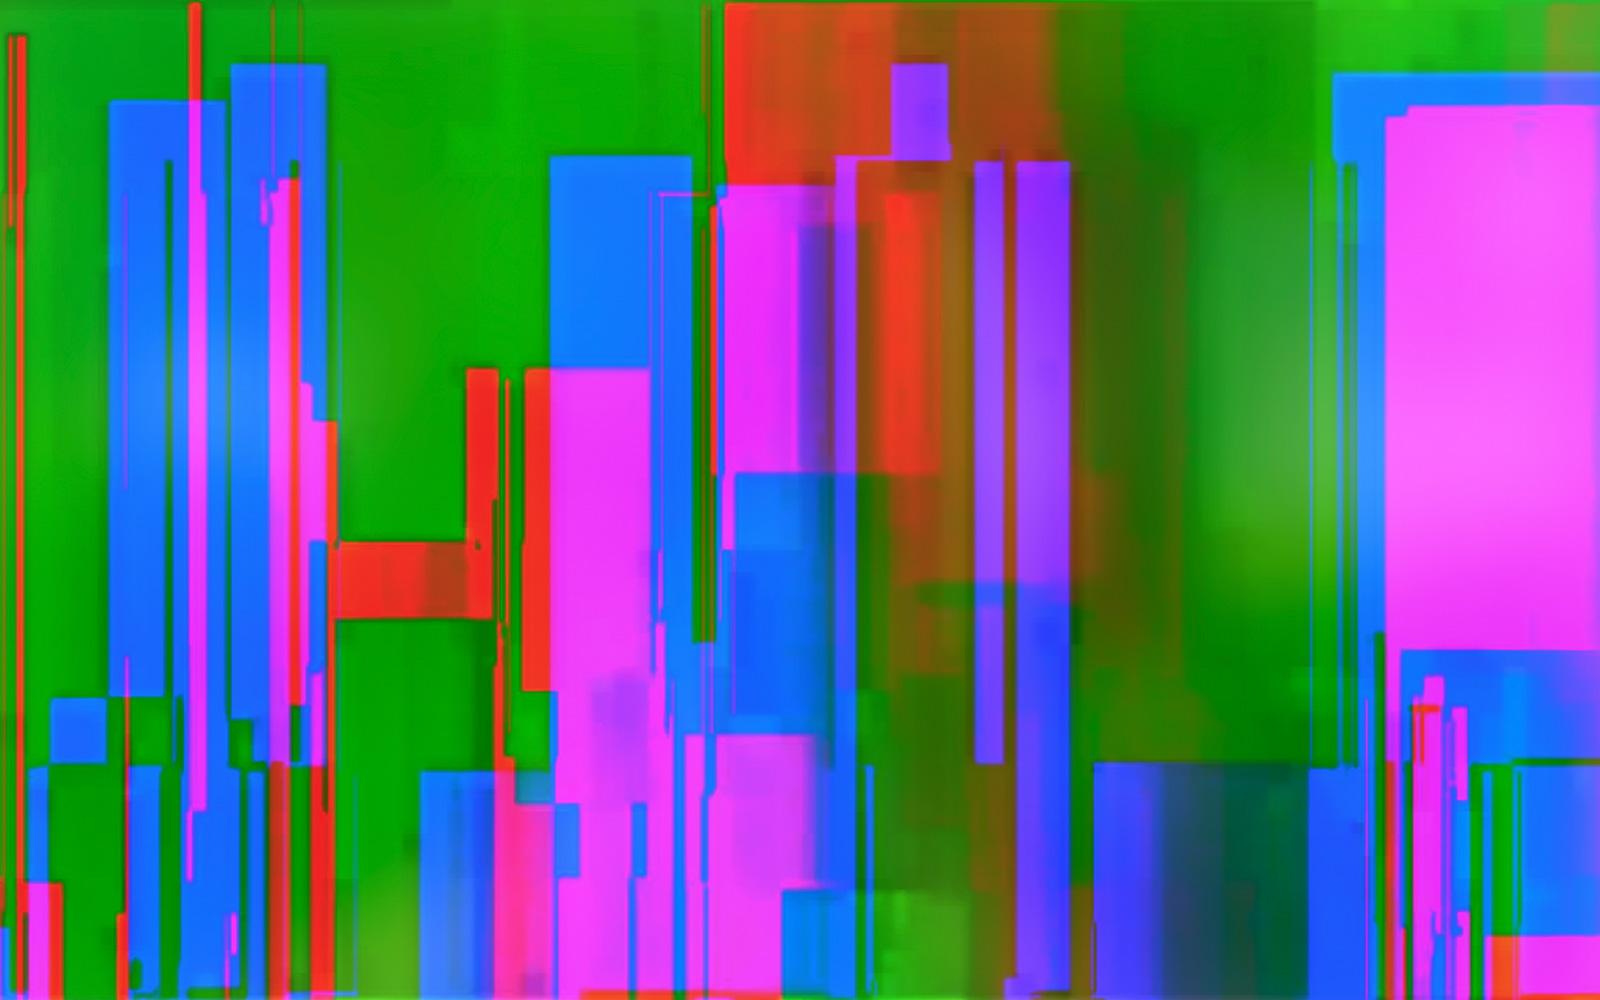 Elias Wessel   Cityscapes #1 , 2014-15  Color Photograph  152,4 x 243,8 cm